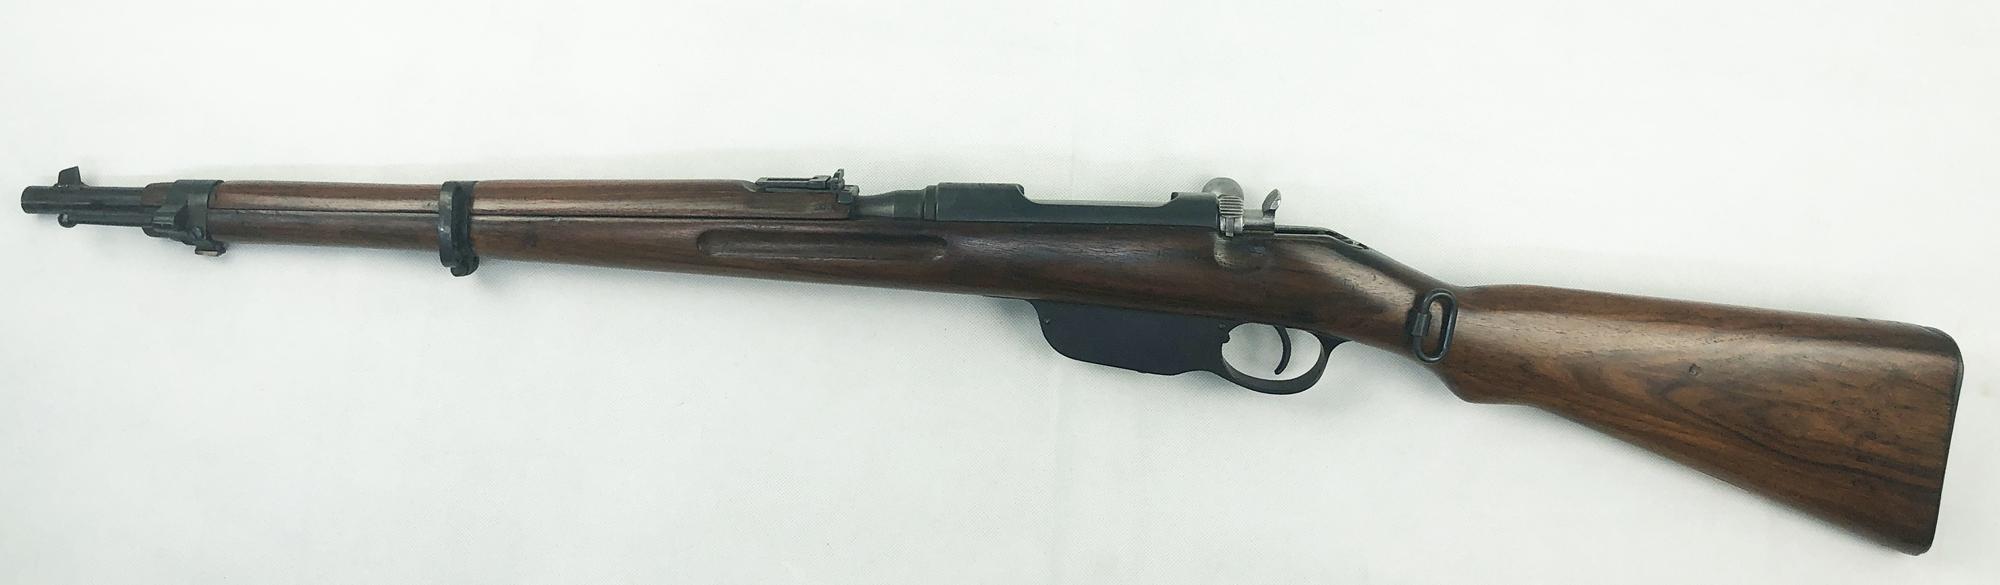 Mannlicher Mod. 1895 Kal. 8x56R